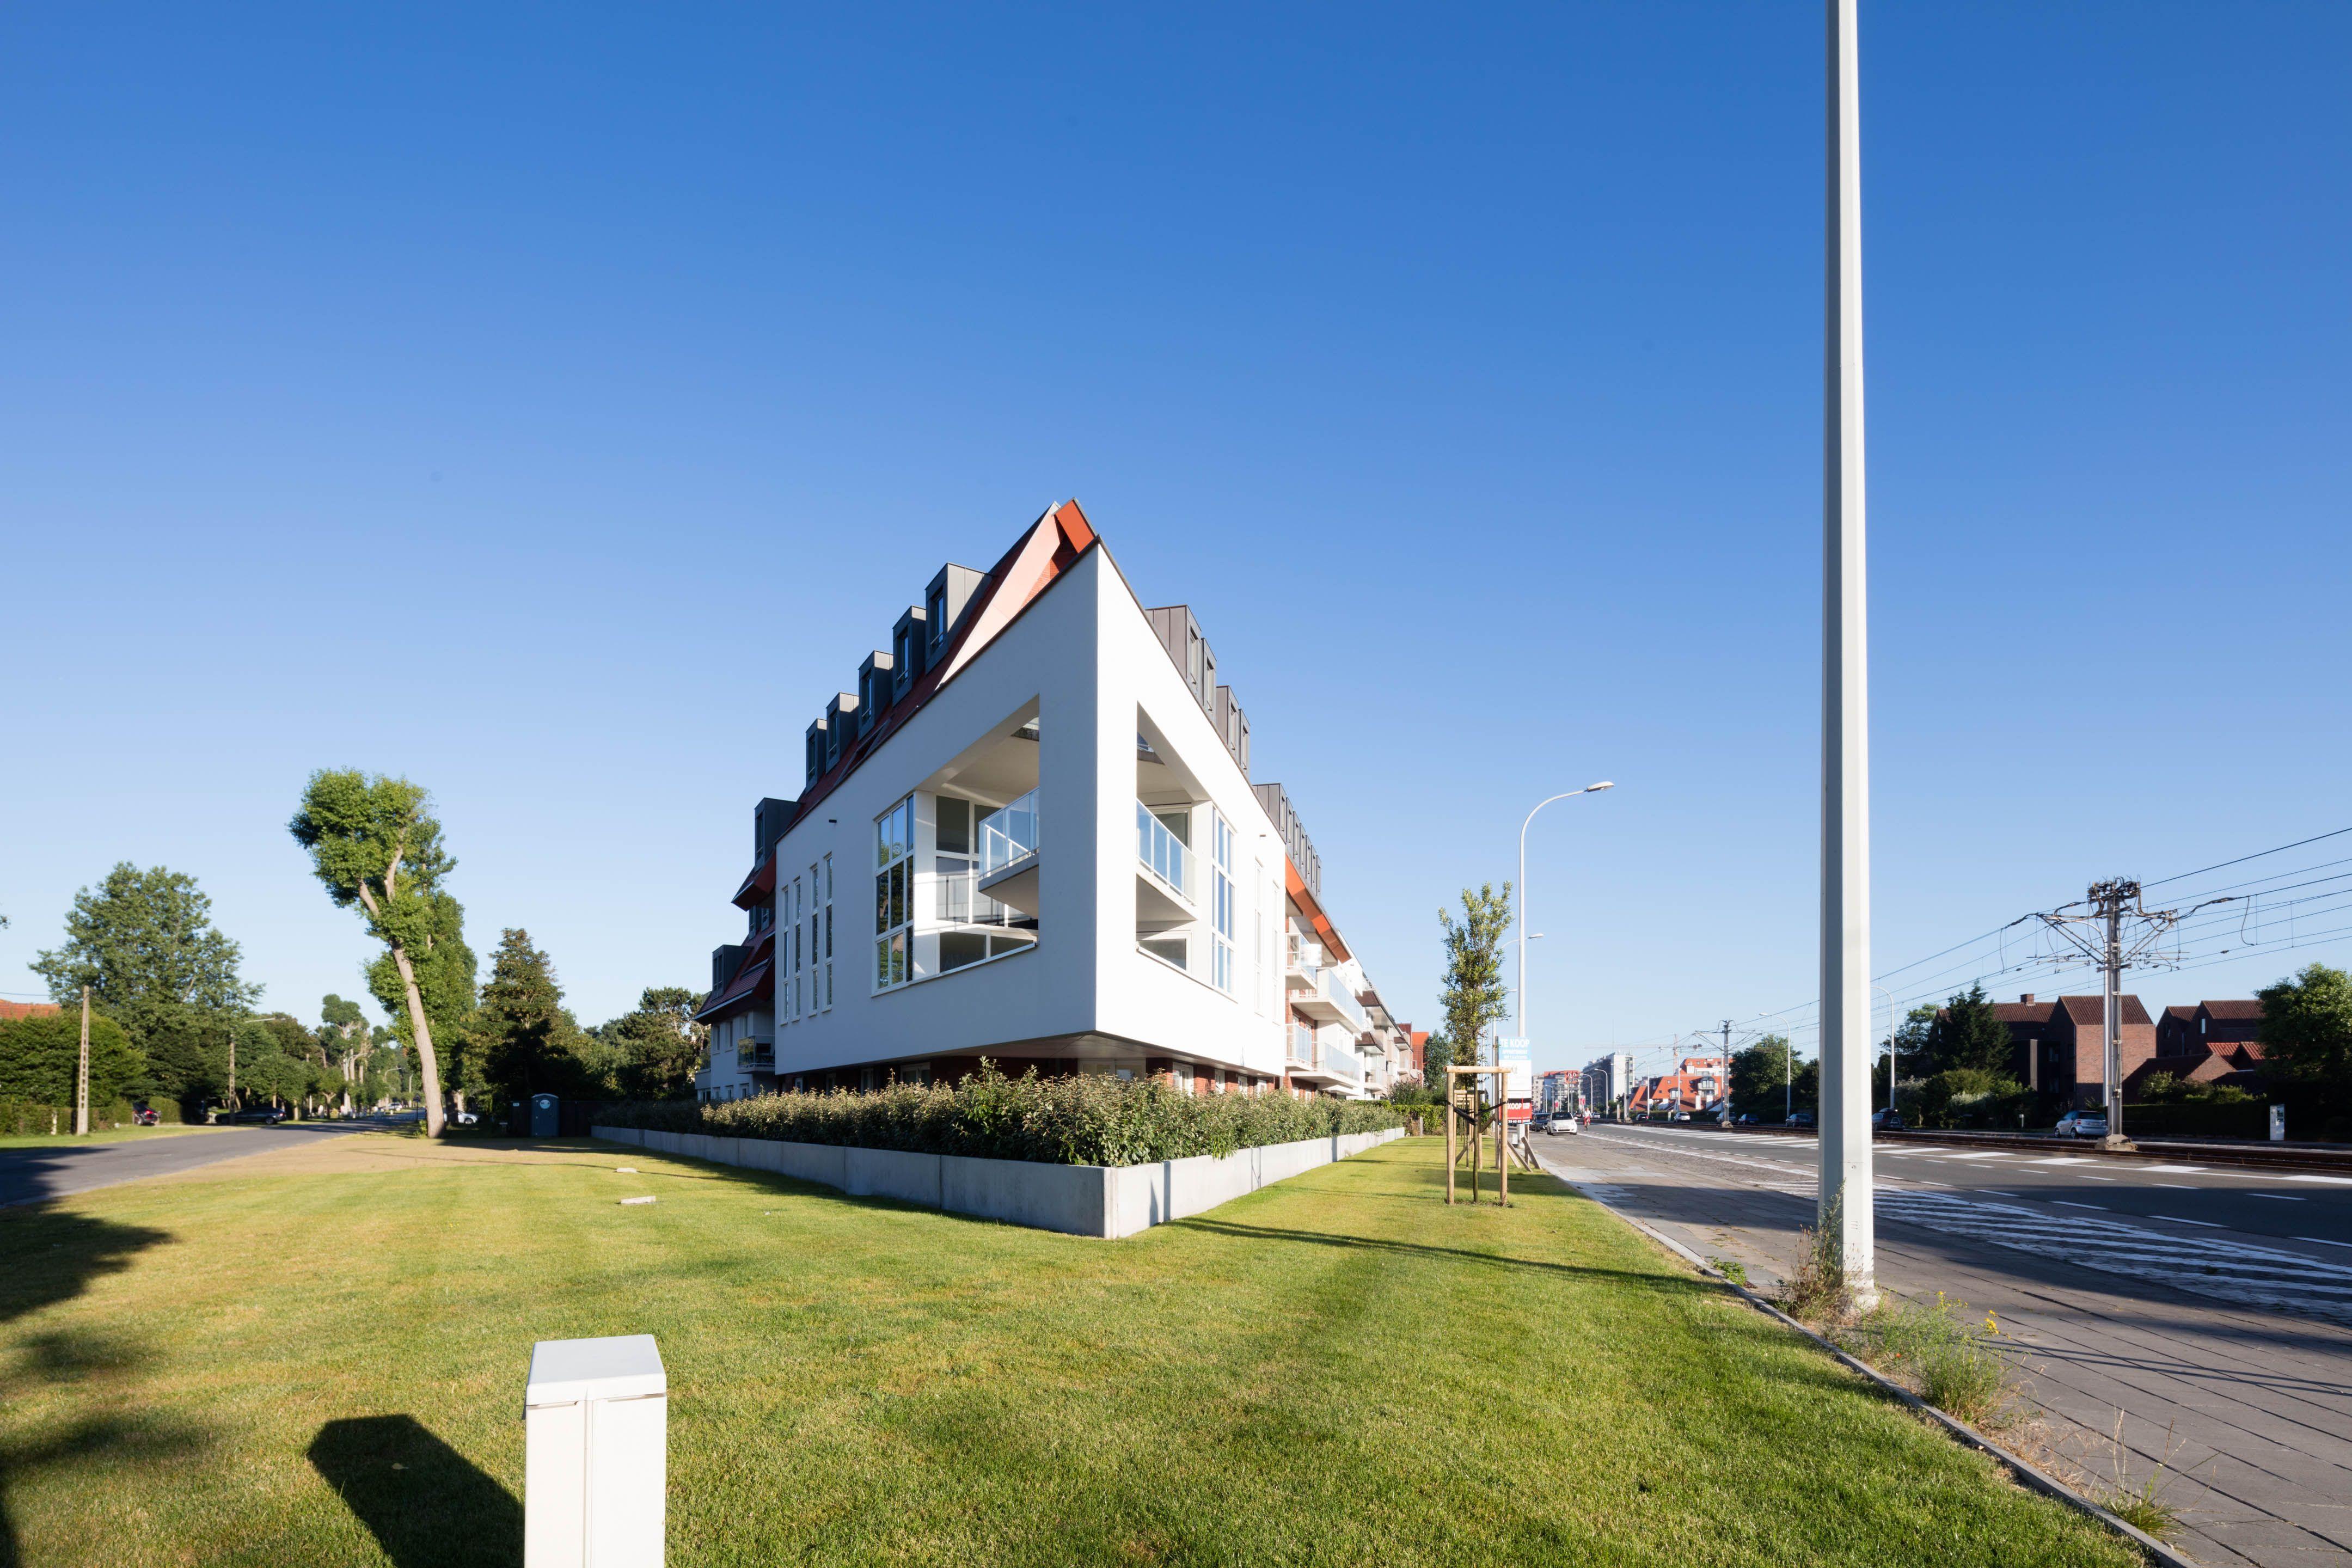 Appartement Residentie Villa Crombez Nieuwpoort - 3637